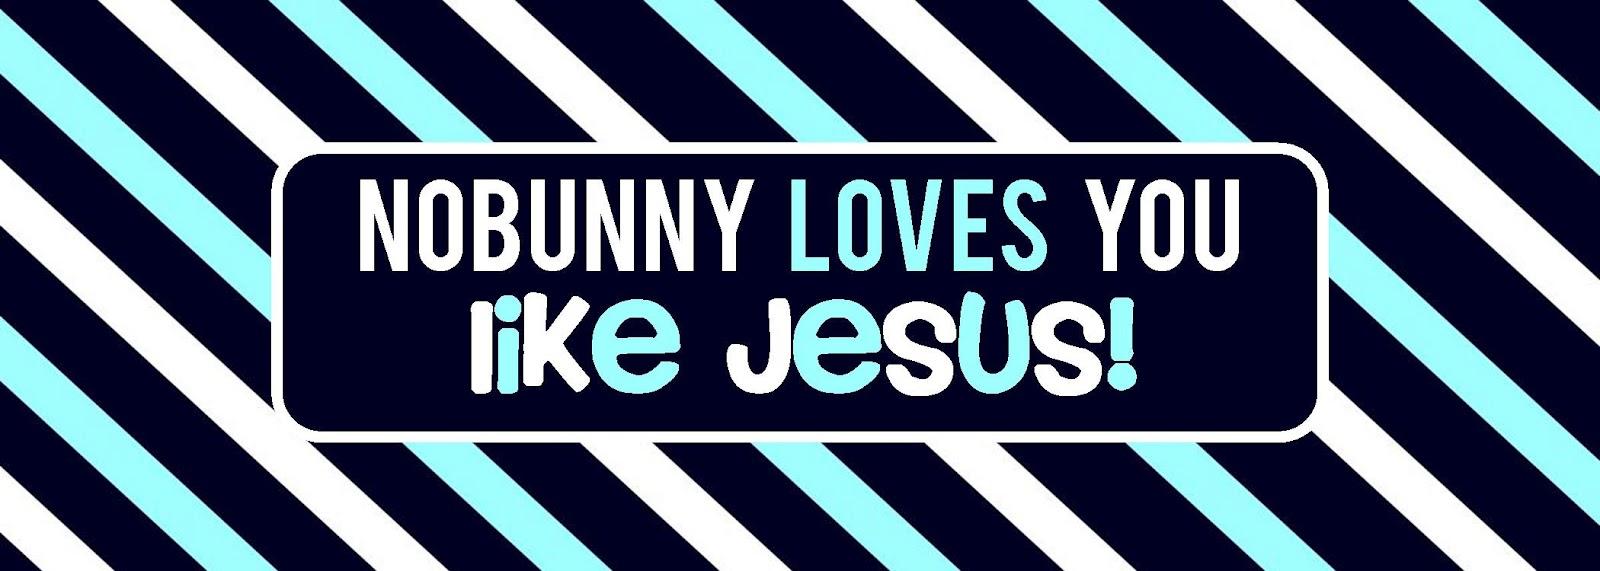 eafedd40 Easter Basket Re-Label: No Bunny Loves You Like Jesus